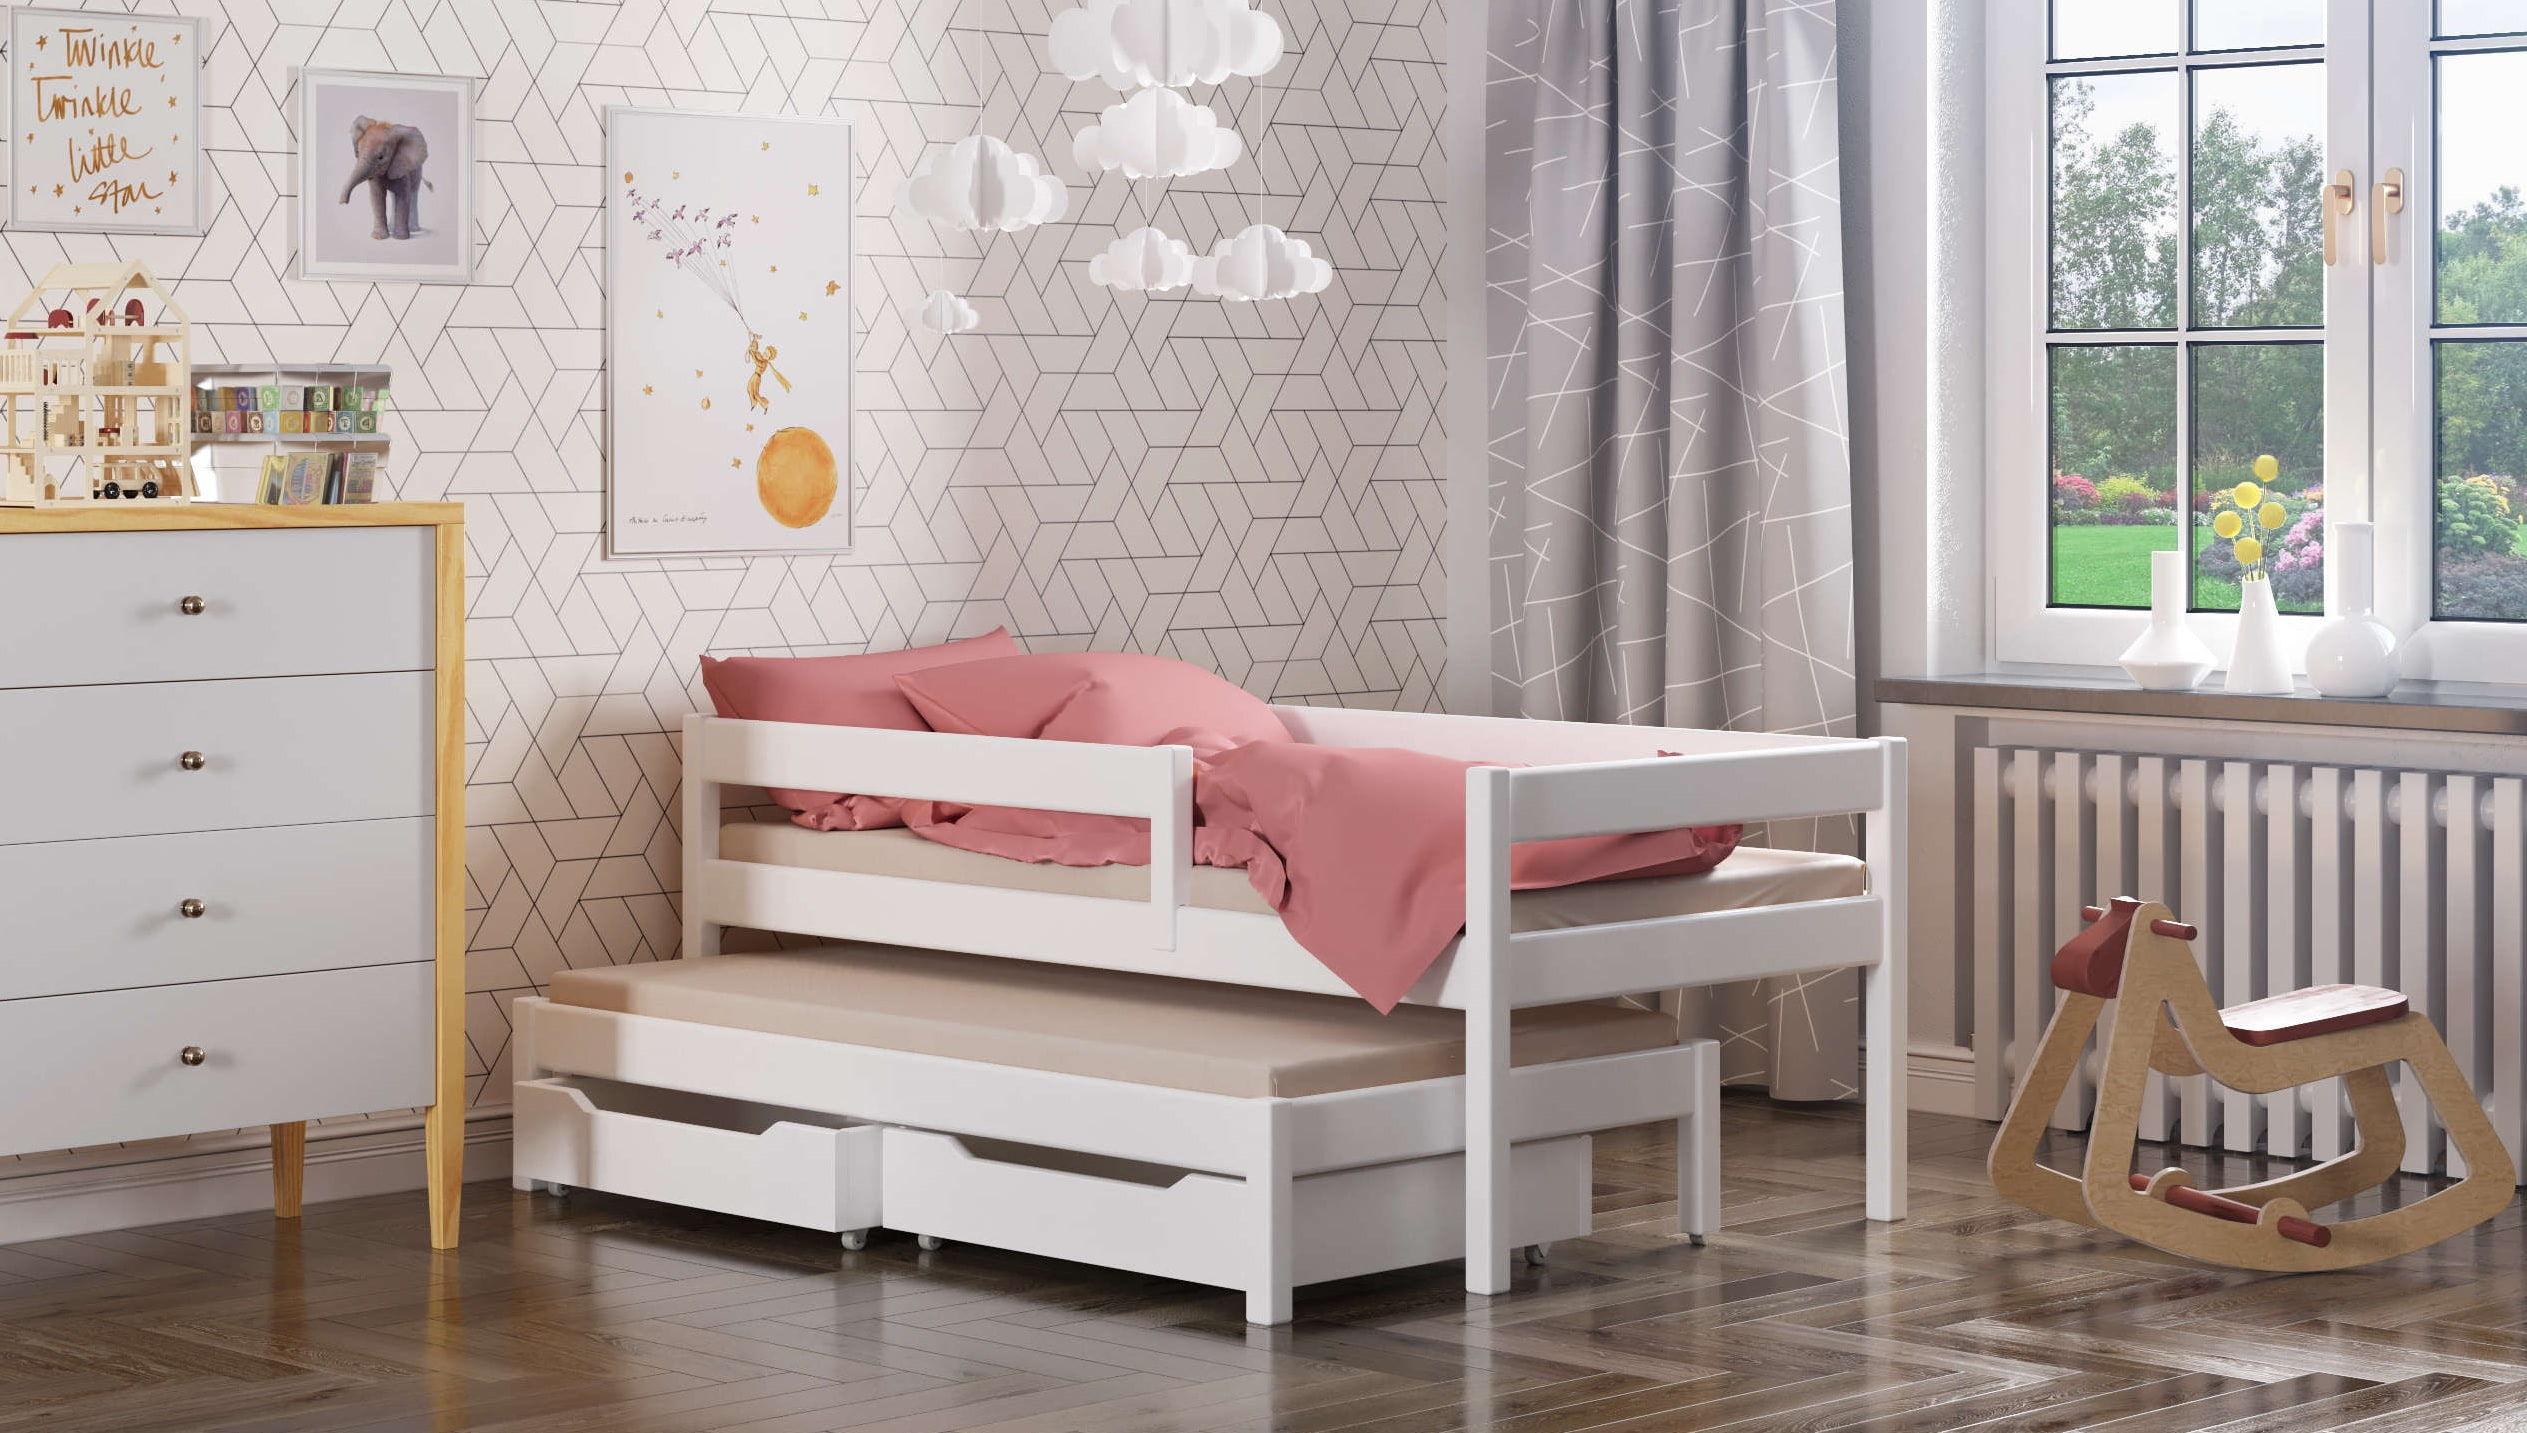 Łóżko dla dzieci z dostawką Maria (podwójne/pojedyncze)